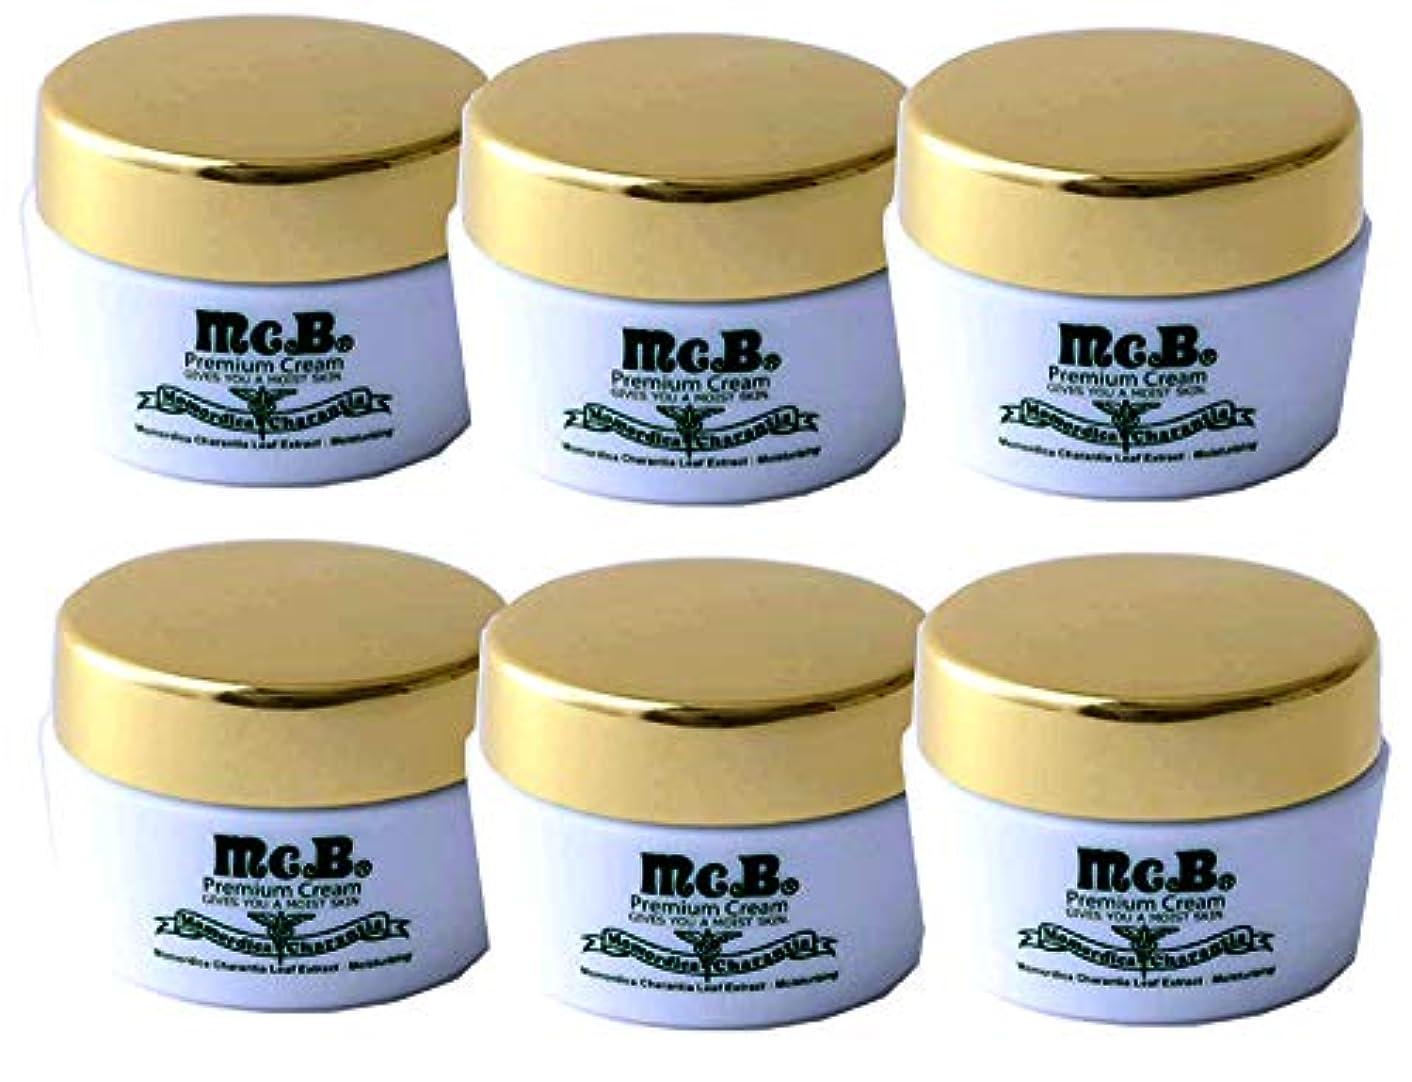 百科事典助けて狂ったマックビー プレミアム クリーム【6個セット】Premium Cream 平戸ツルレイシ